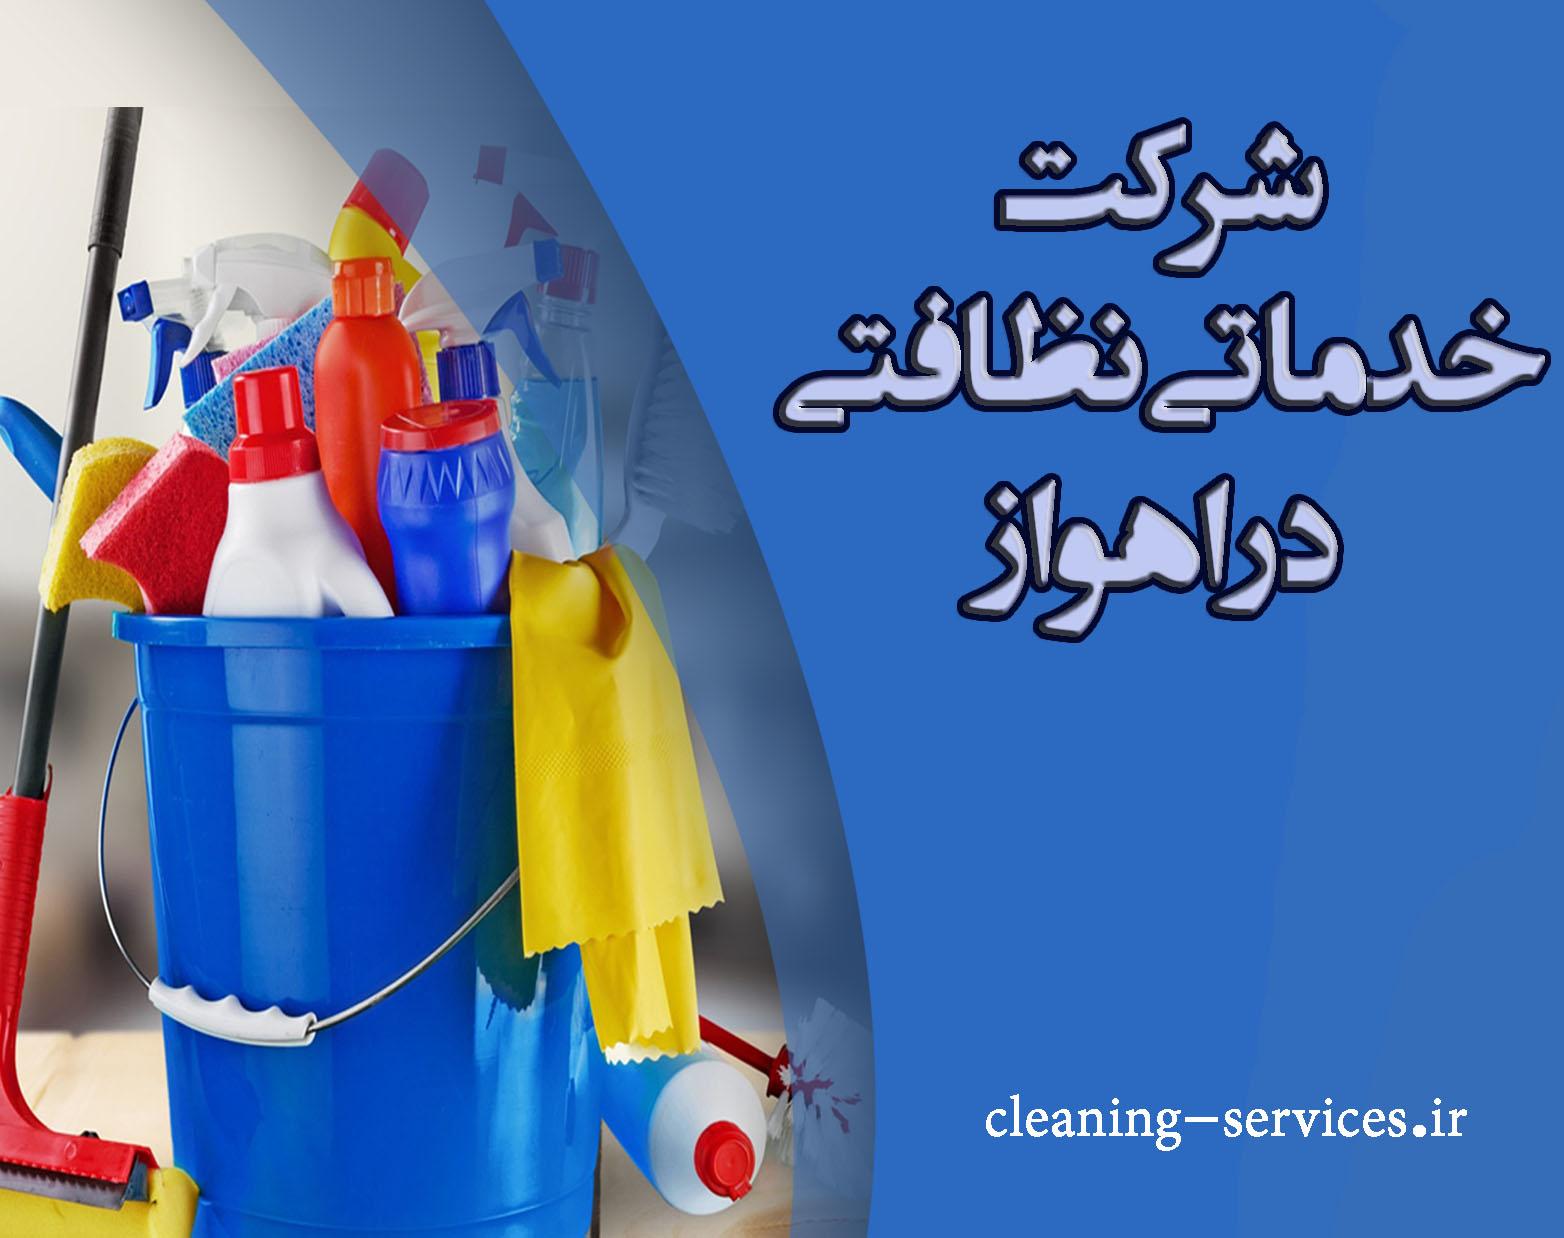 شرکت نظافتی در ا هو ا ز